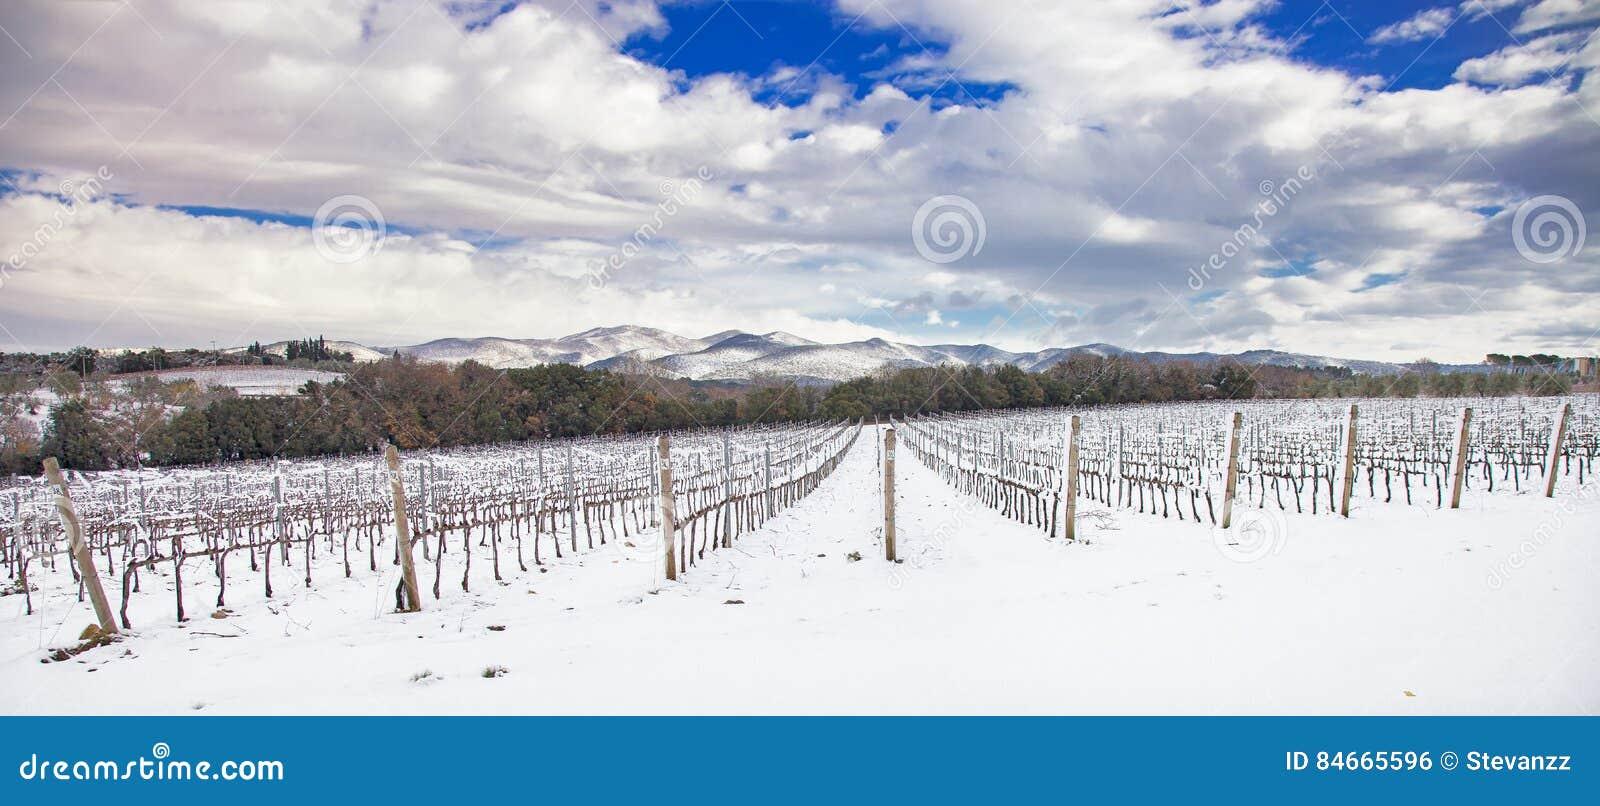 Lignes de vignobles couvertes par la neige en hiver Chianti, Florence, AIE